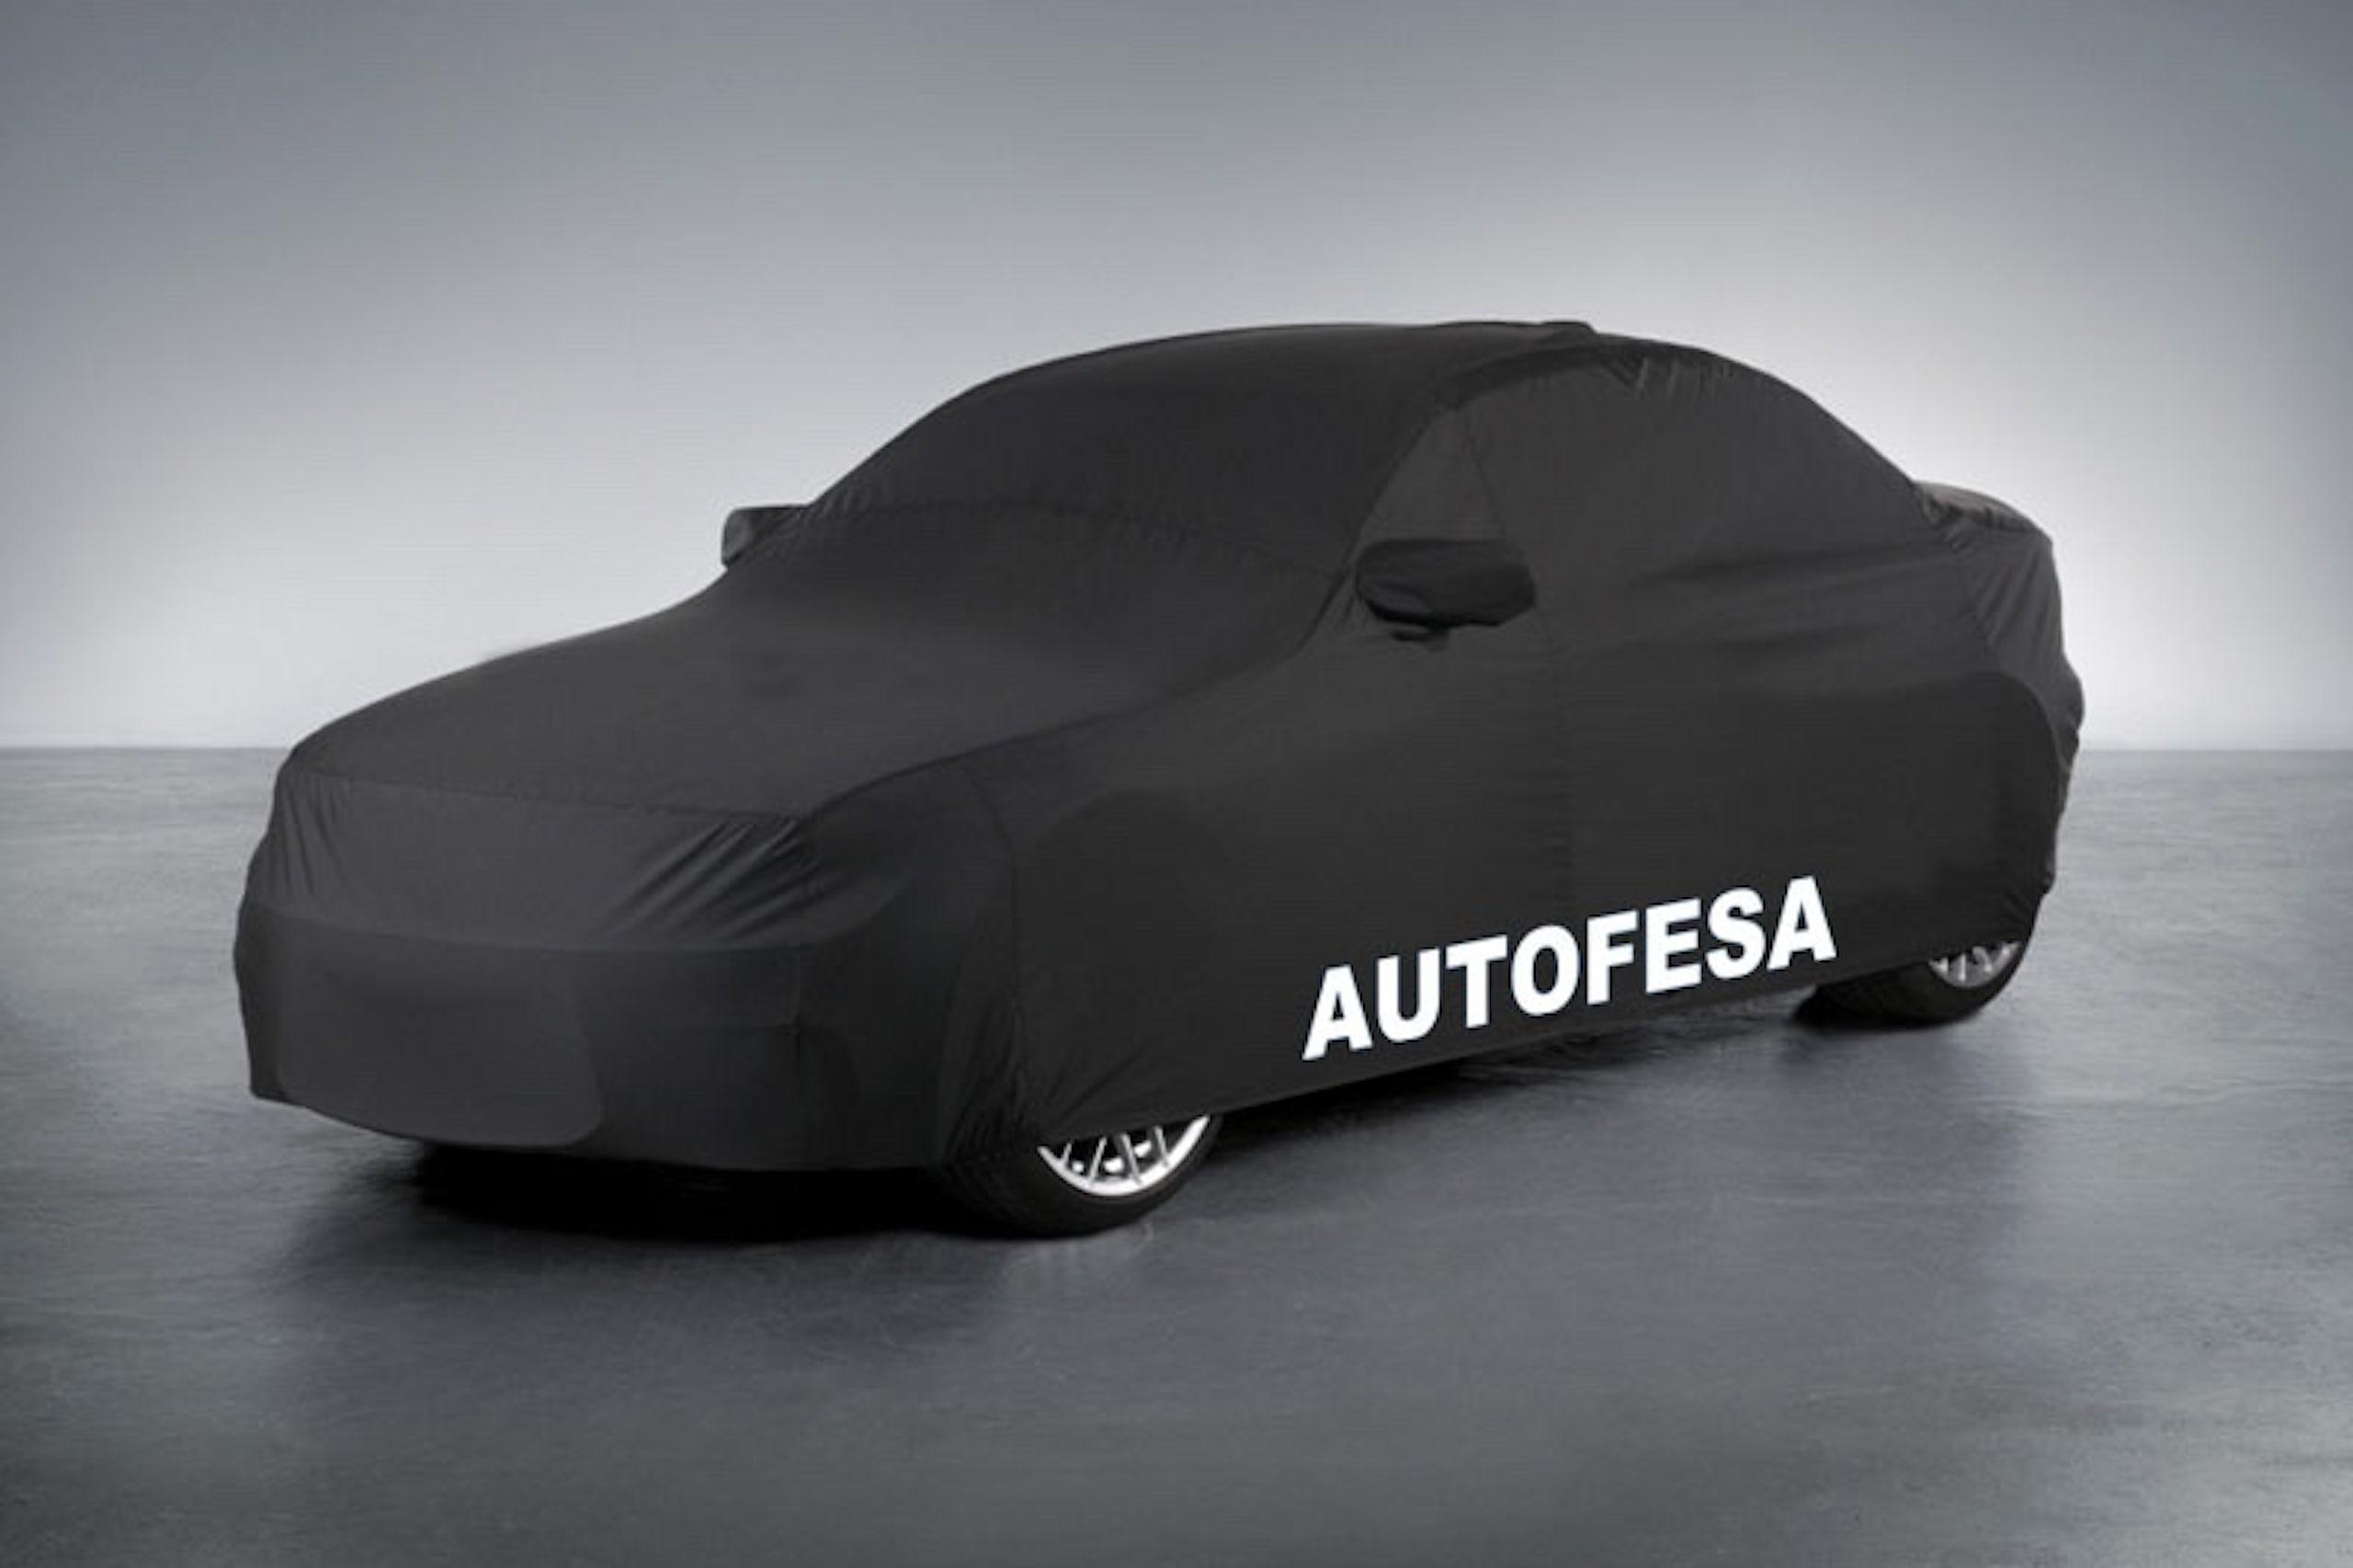 Fotos del Jaguar F-pace Nuevo 2.0L i4D Prestige Auto AWD 240cv 5p Exterior 1